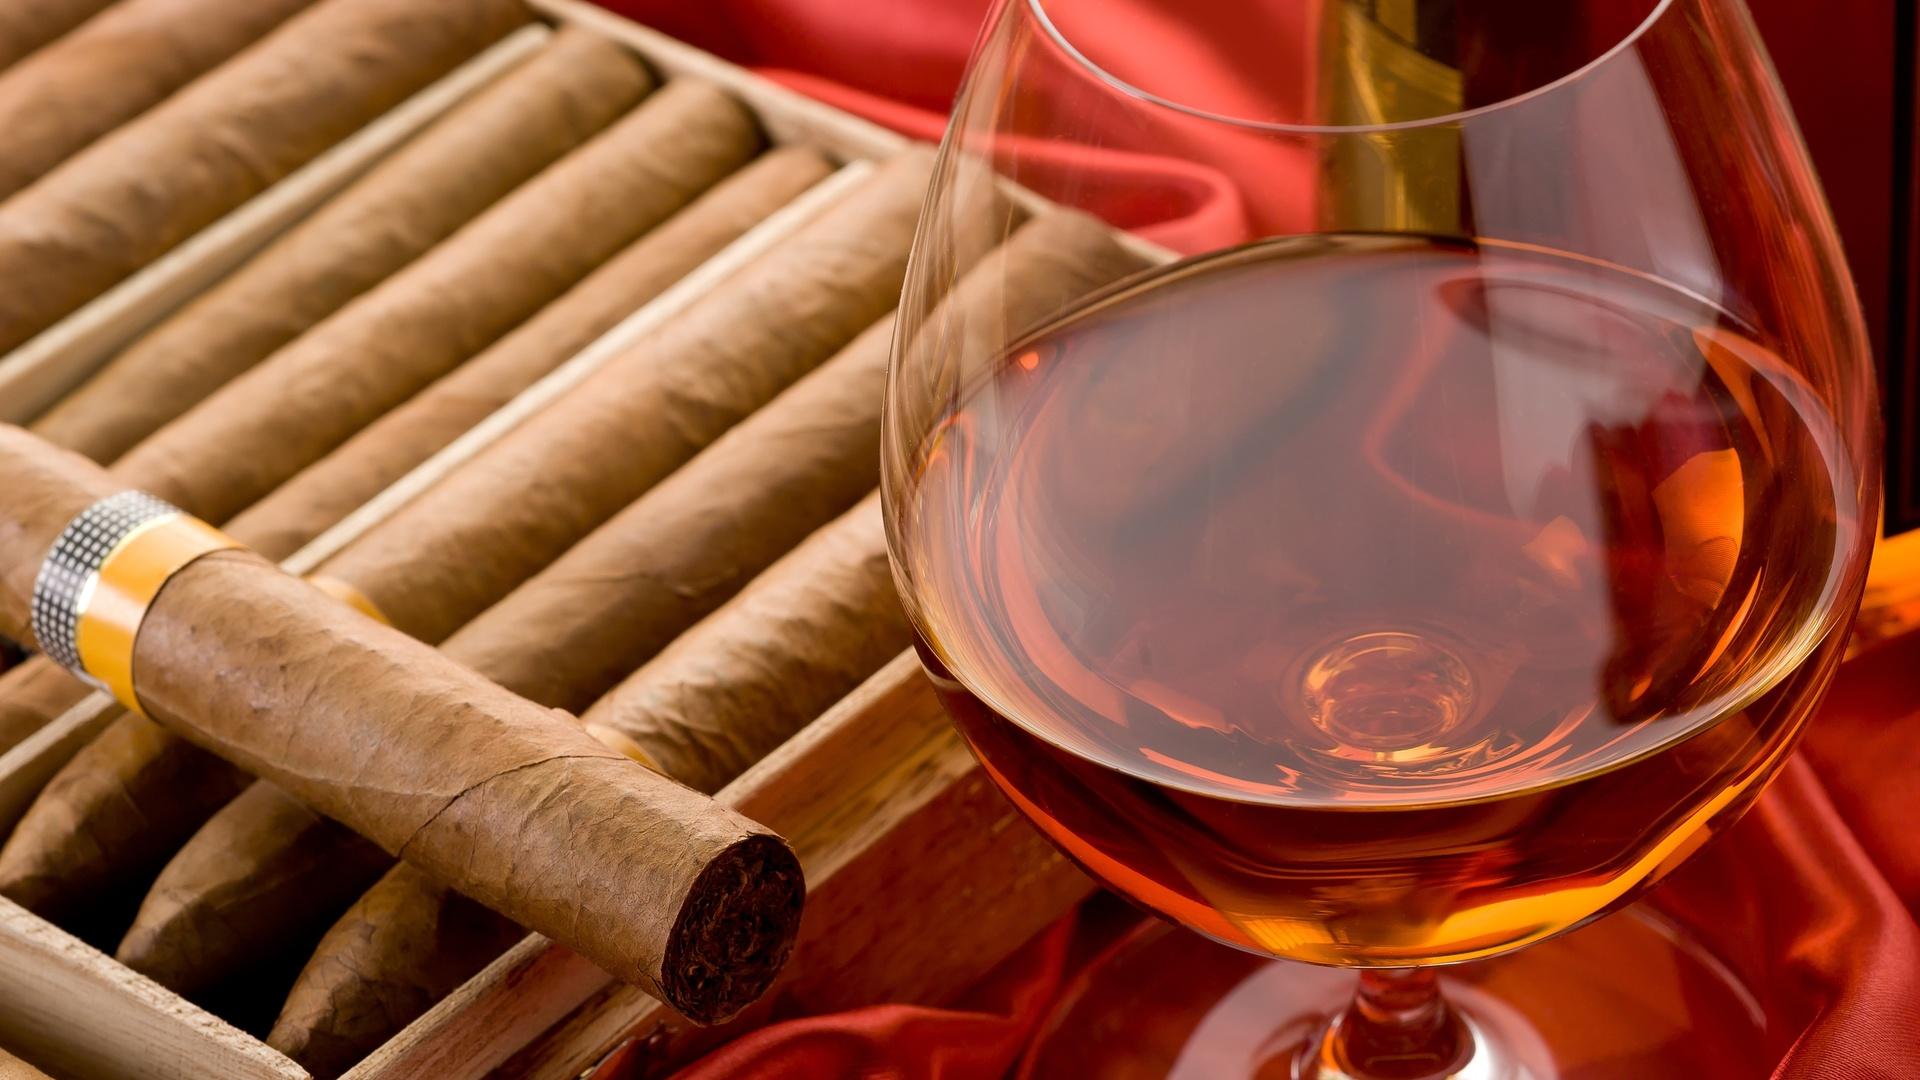 Cuban Cigar wallpaper 231945 1920x1080